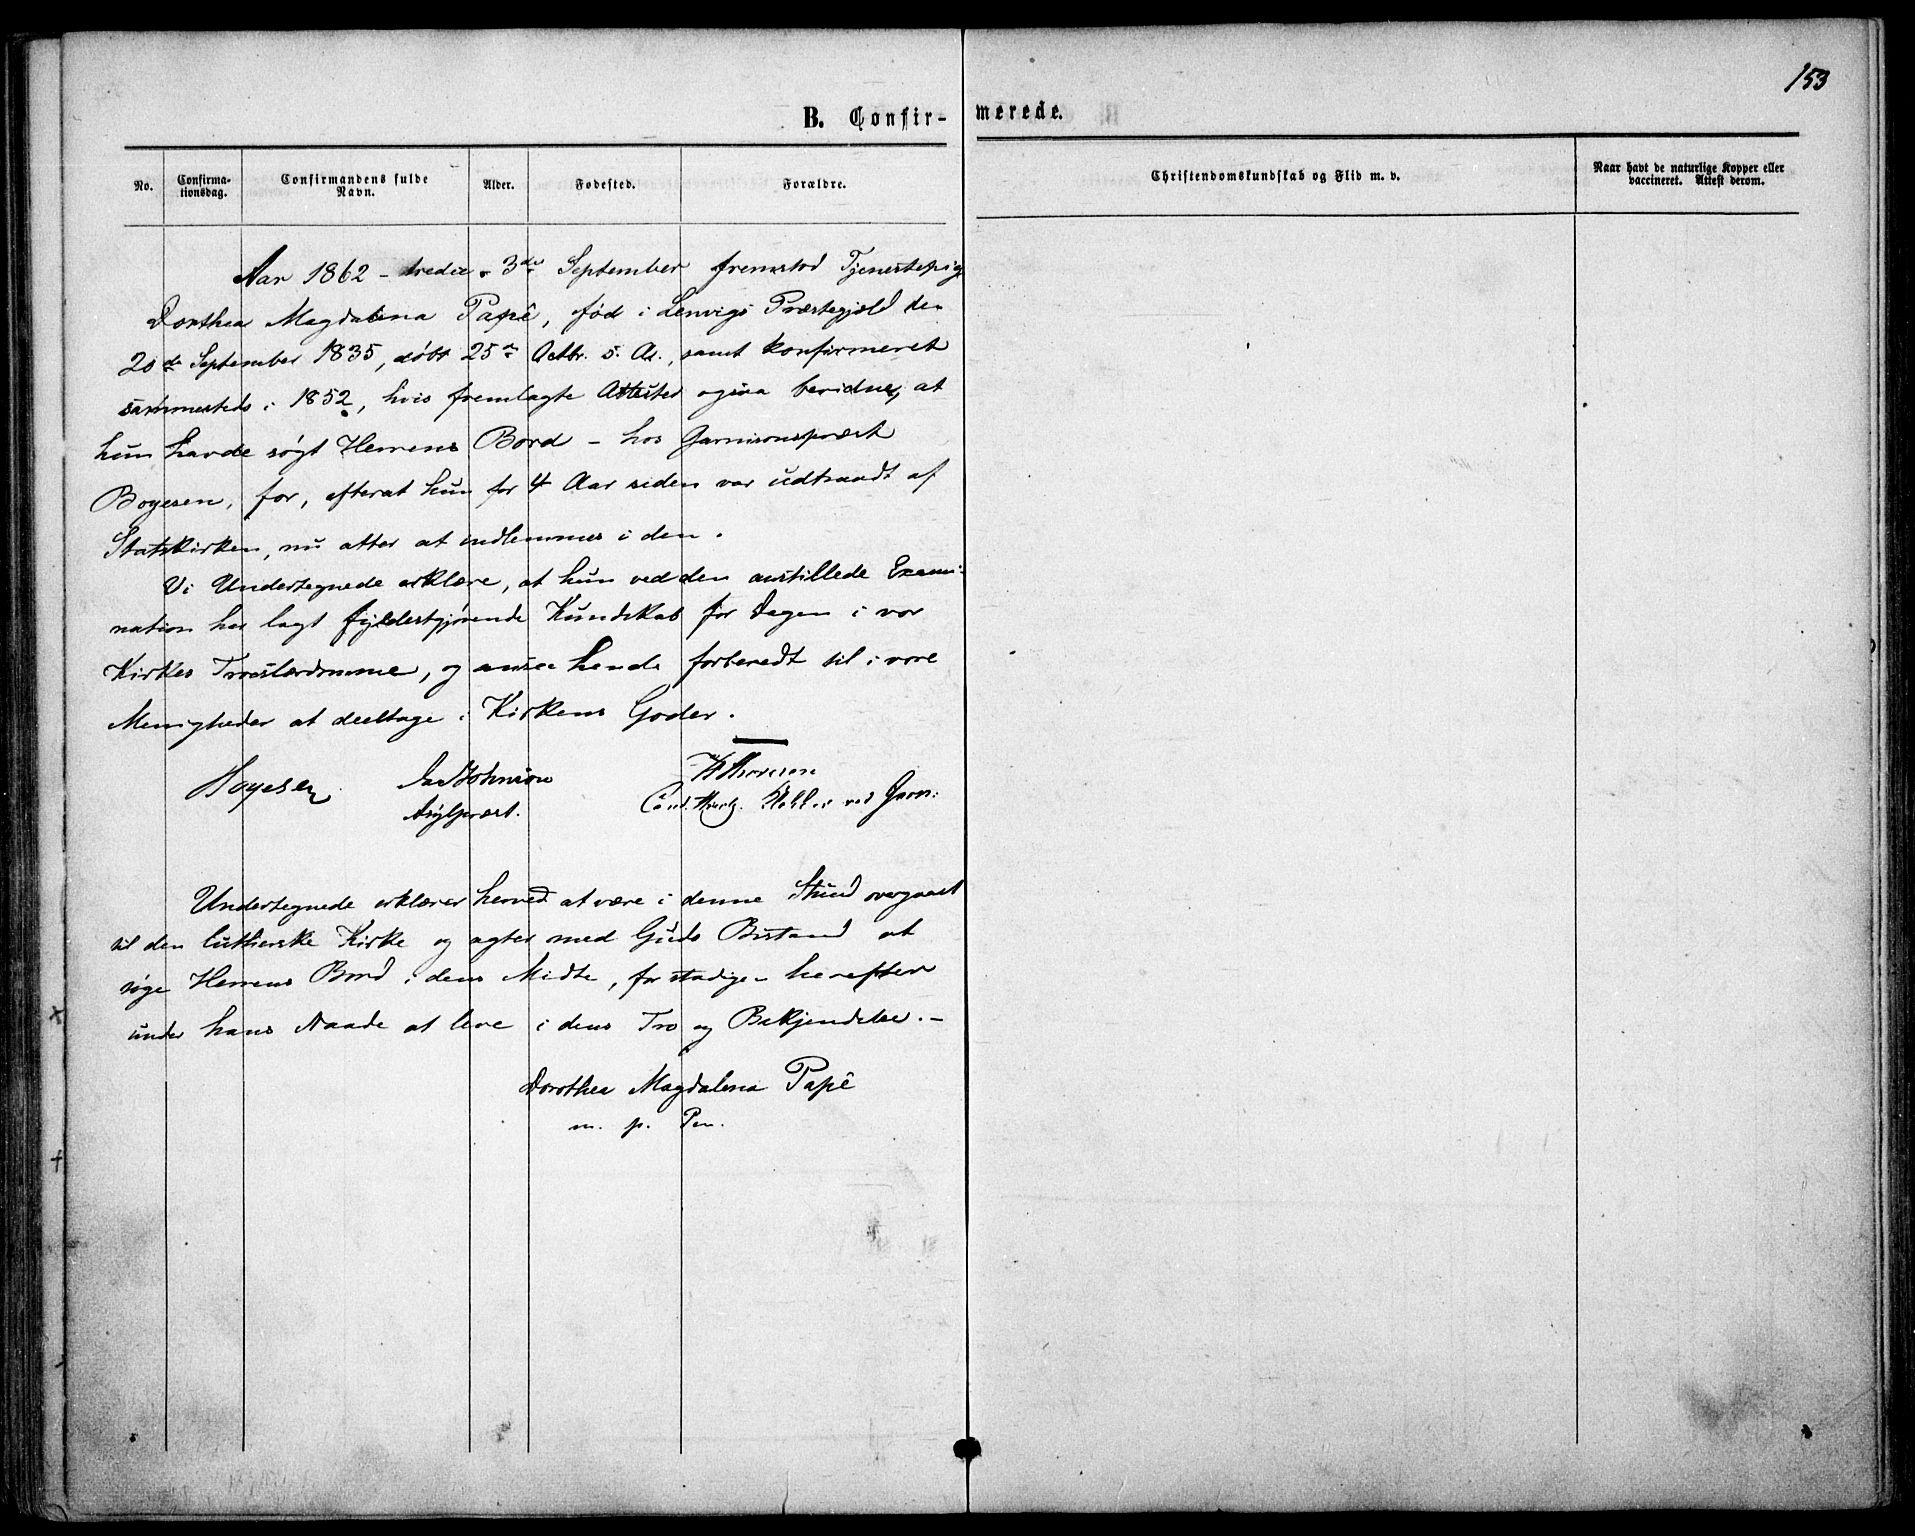 SAO, Garnisonsmenigheten Kirkebøker, F/Fa/L0010: Ministerialbok nr. 10, 1859-1869, s. 153